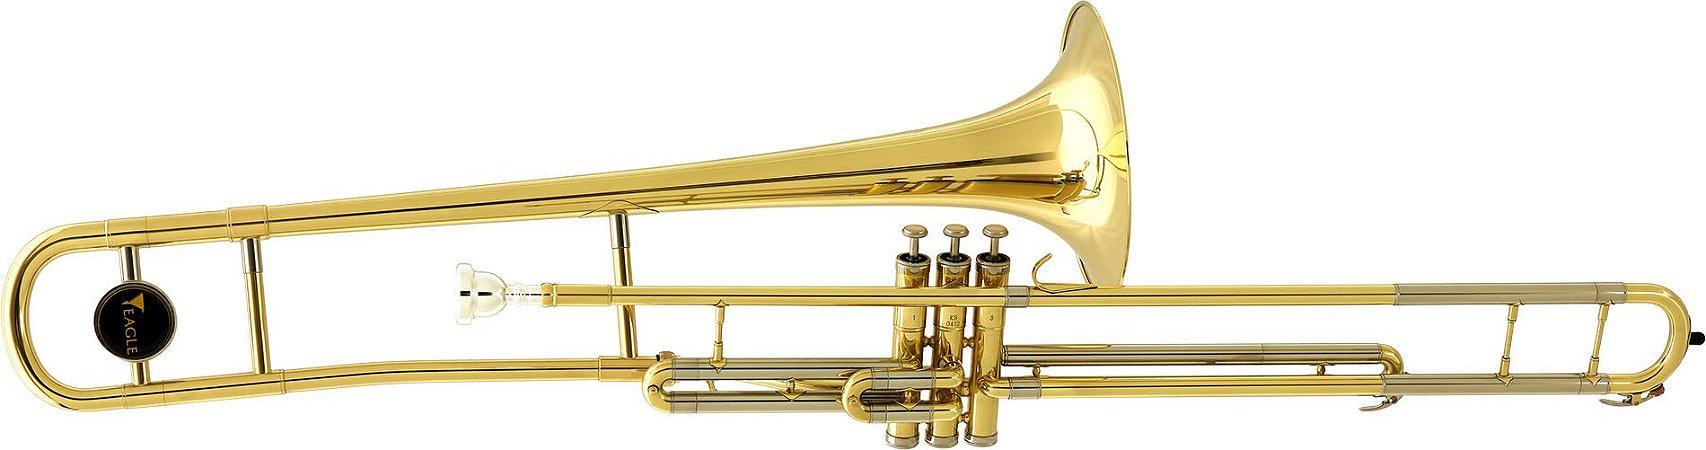 Trombone Pisto Eagle Longo TV-602 Sib